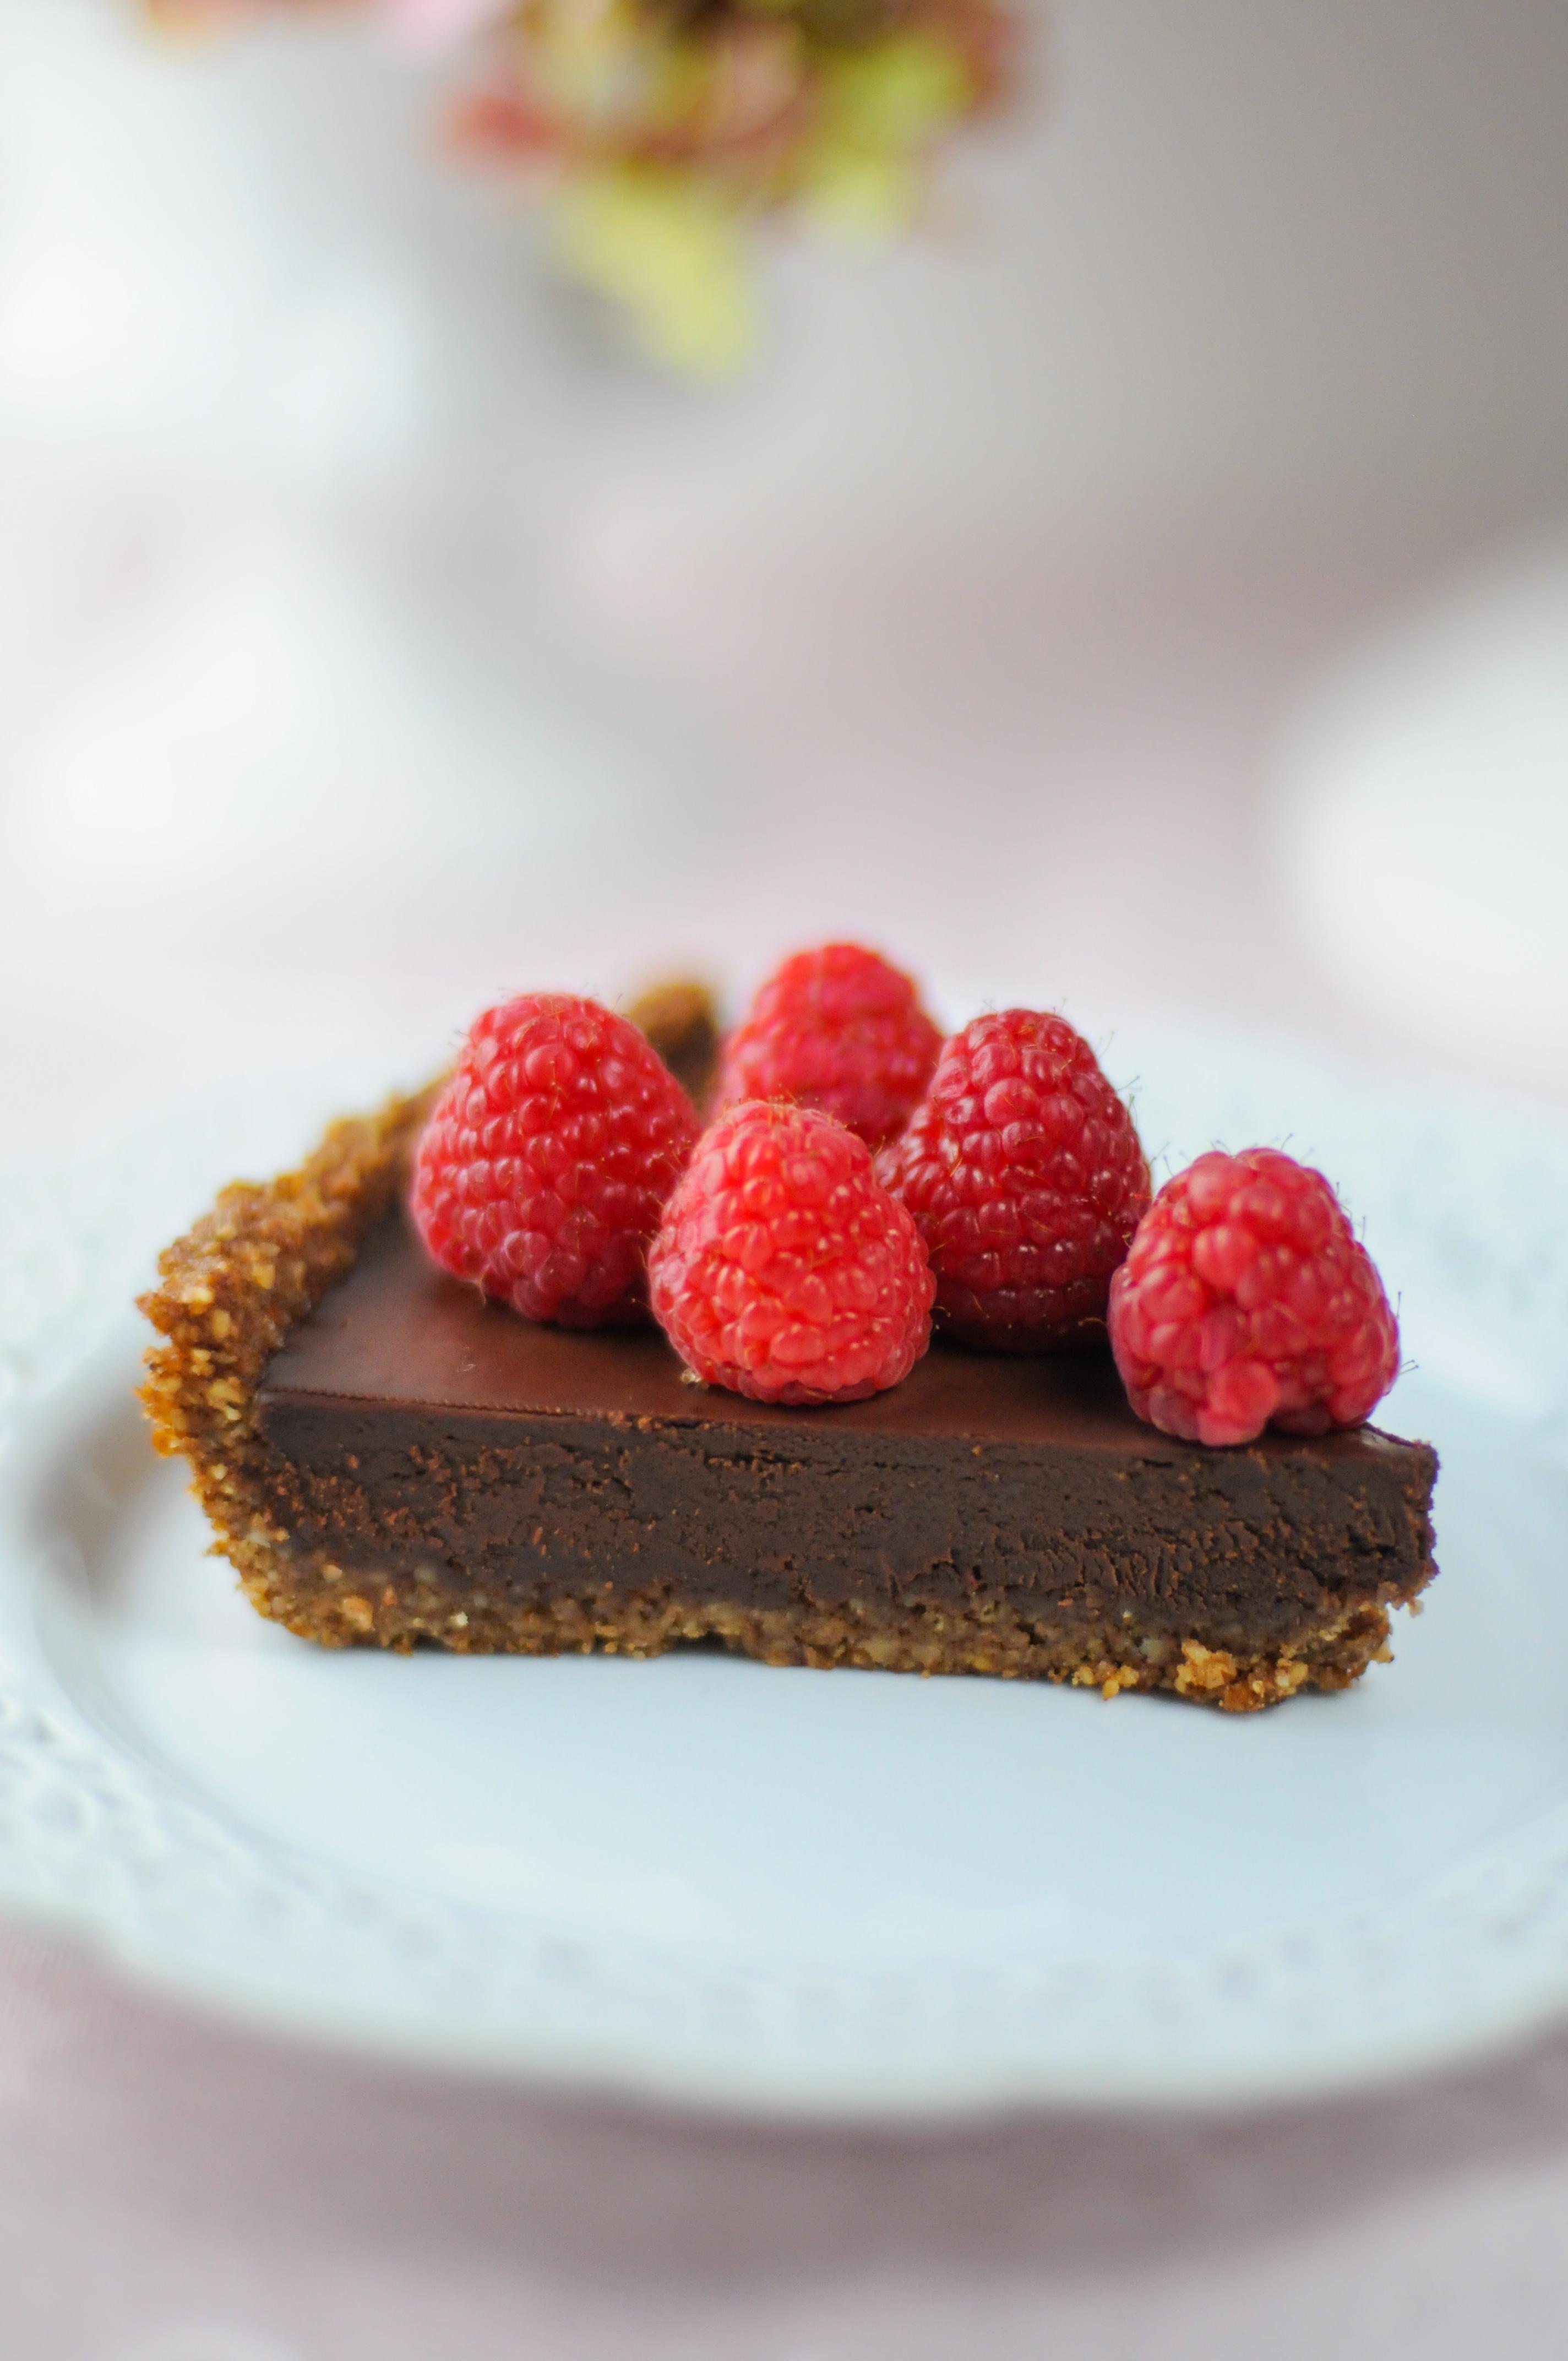 Chocolate Ganache Tart